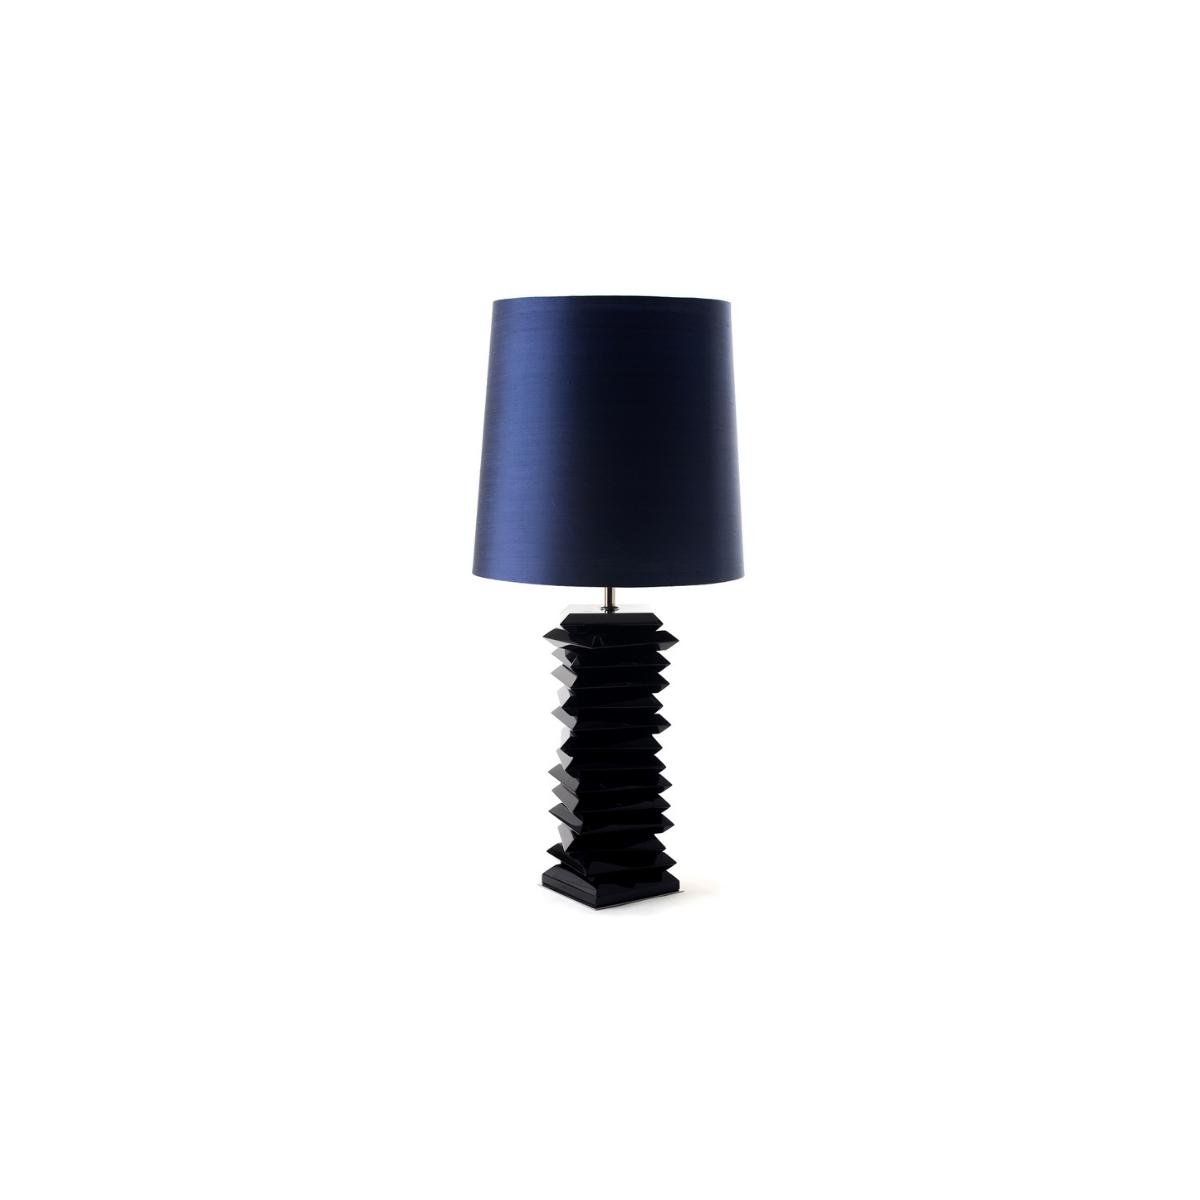 Tribeca Table Lamp by Boca do Lobo Covet Lighting